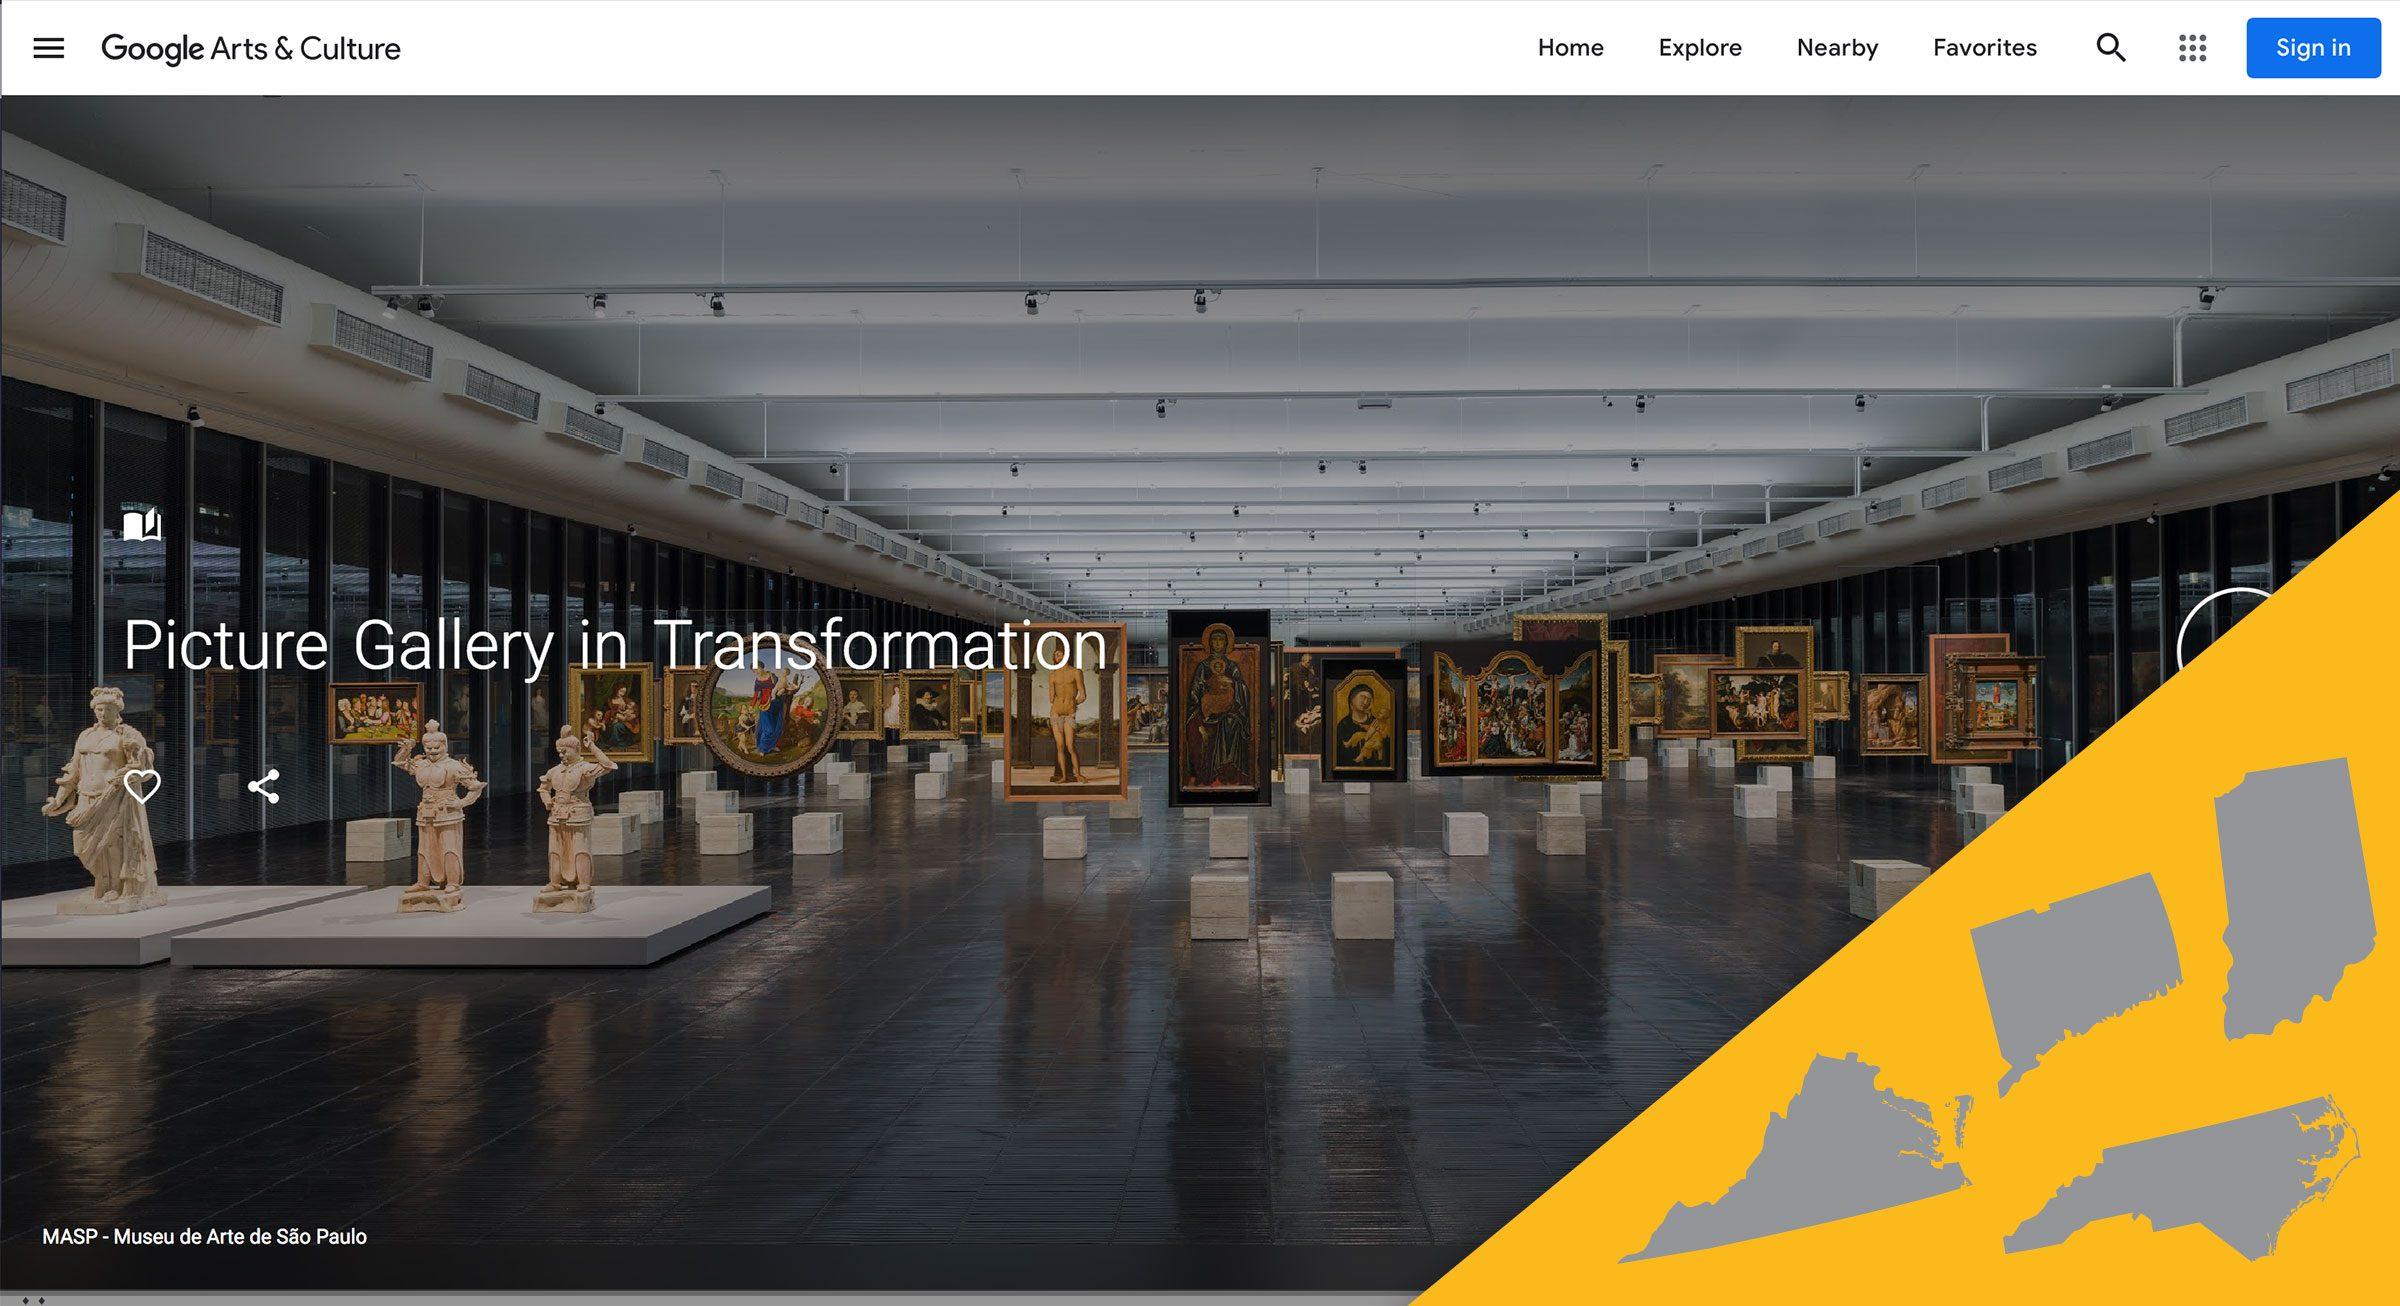 museum of art of sao paulo virtual tour